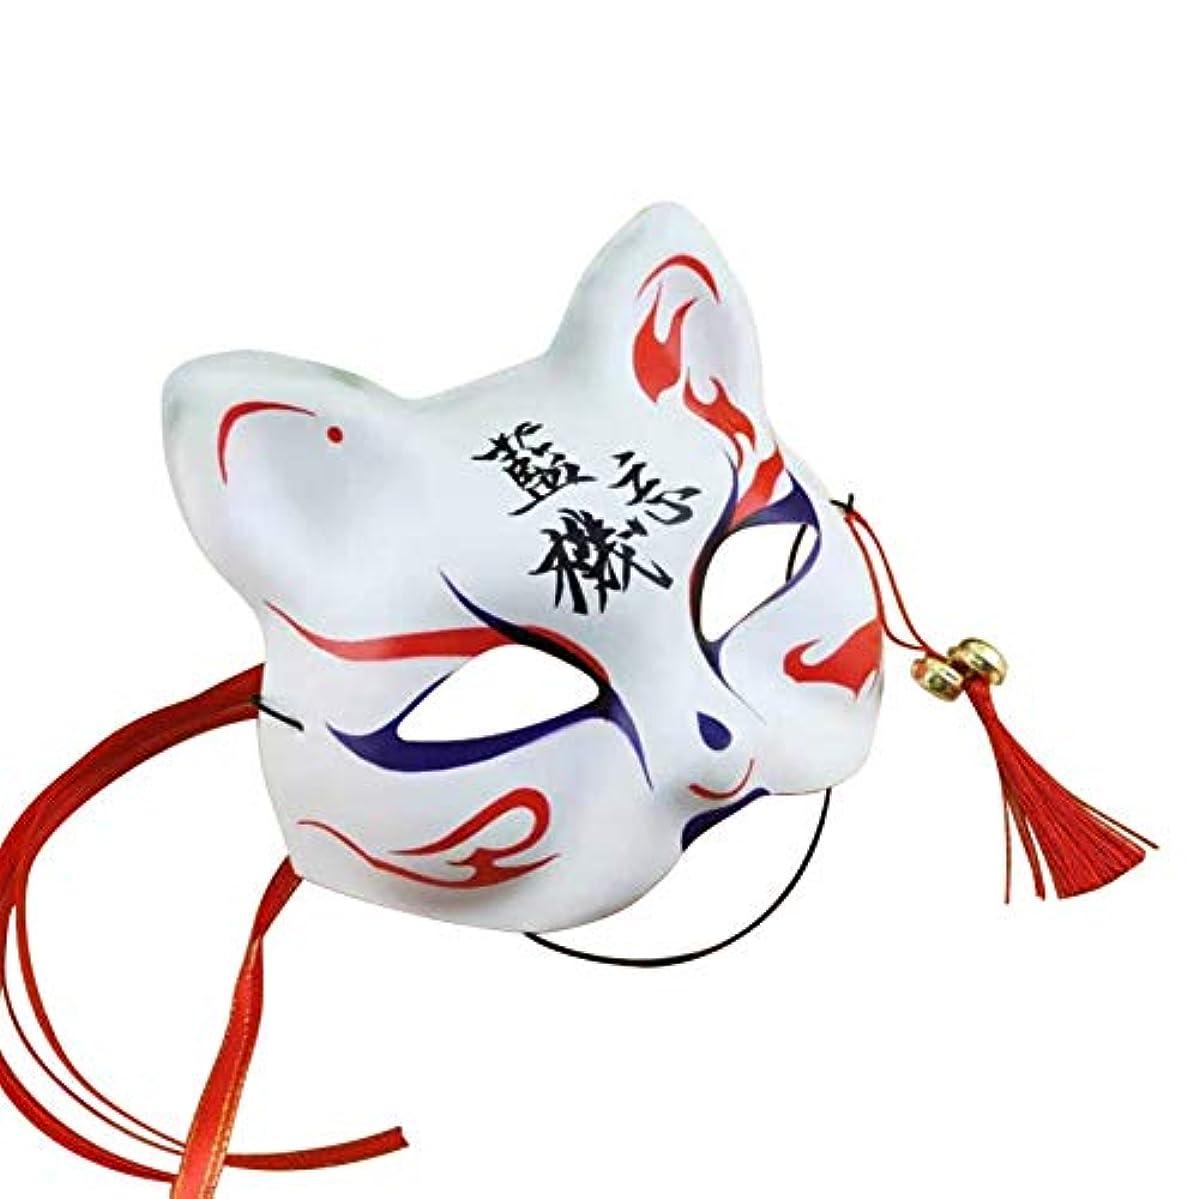 KISSION 仮面 キツネの仮面 タッセルと小さな鐘 フォックスマスク ユニセックス パーティーマスク小道具 コスプレマスク プラスチックマスク